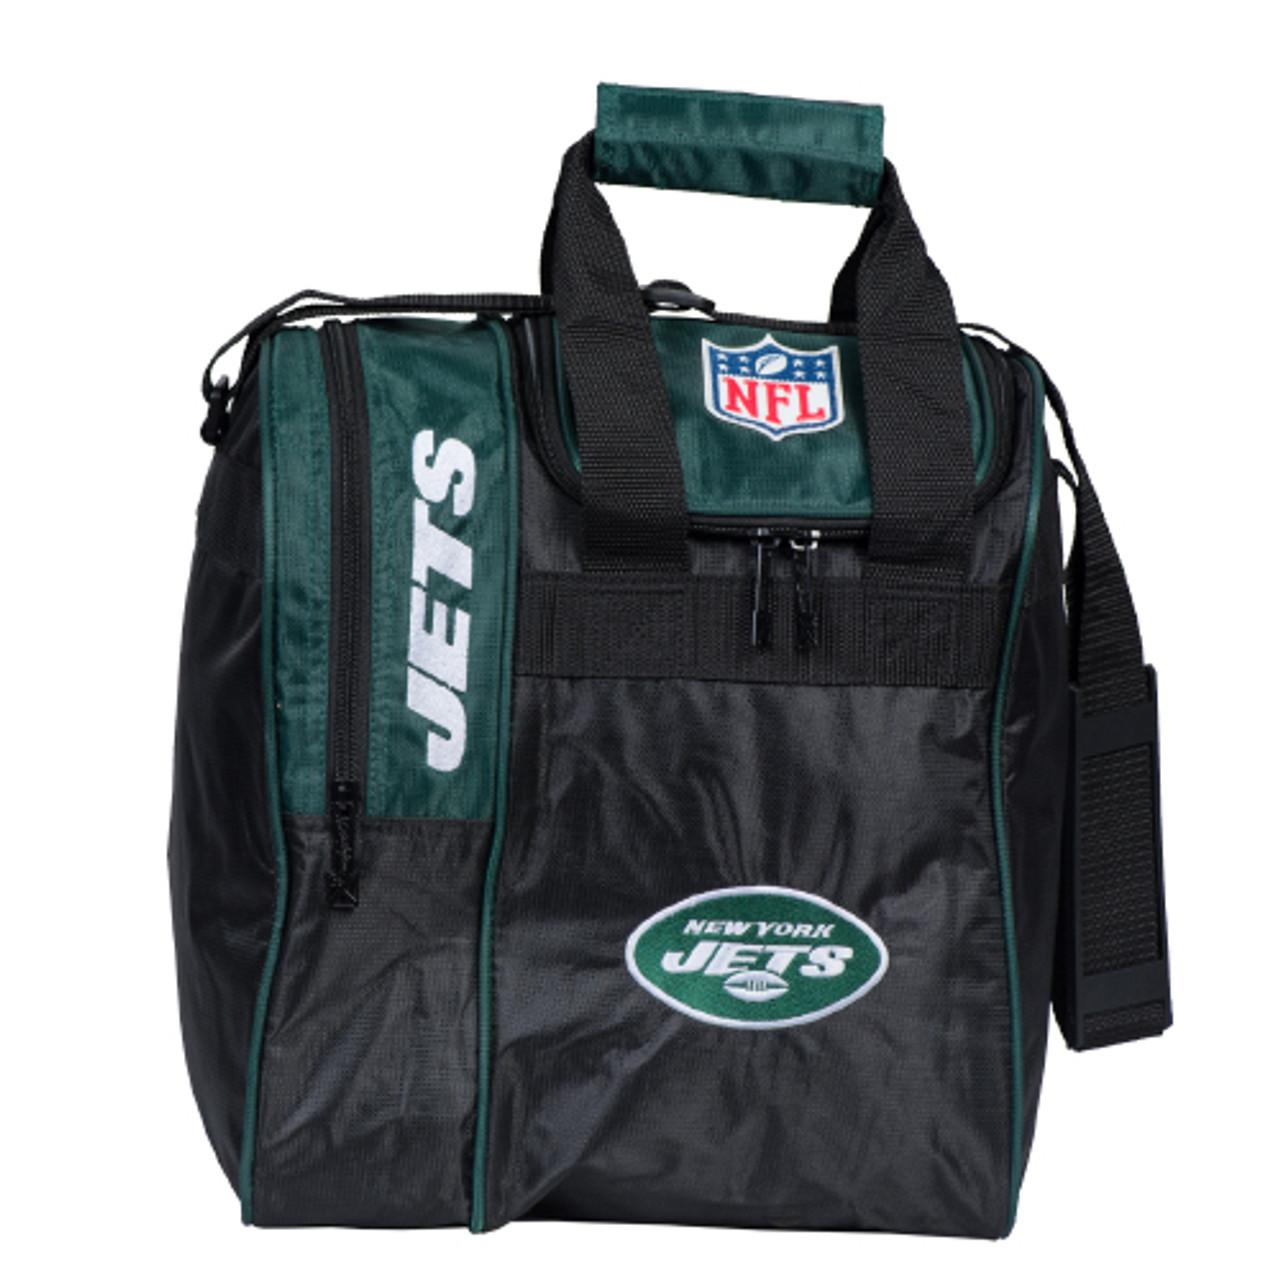 KR Strikeforce NFL New York Jets Single Tote Bowling Bag